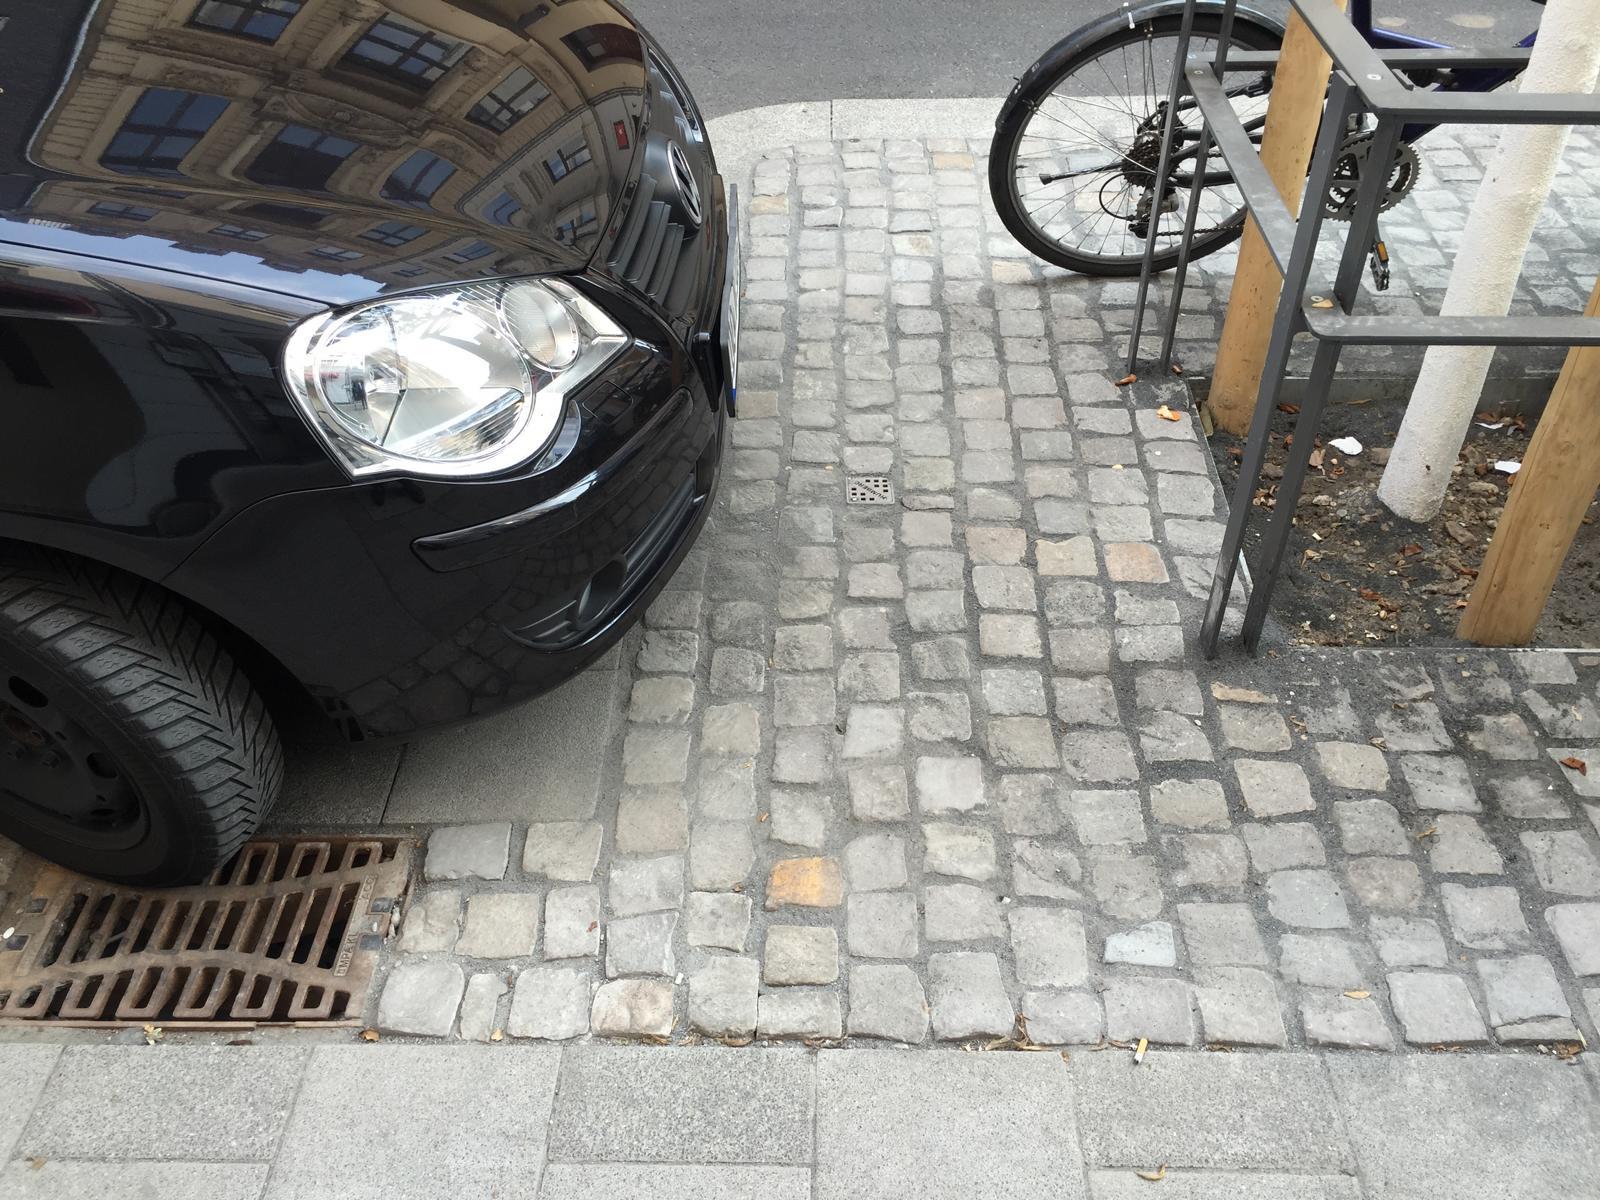 Maastrichter Straße: Die Gestaltung dieser Straße hebt sich wohltuend von anderen Straßenzügen ab.